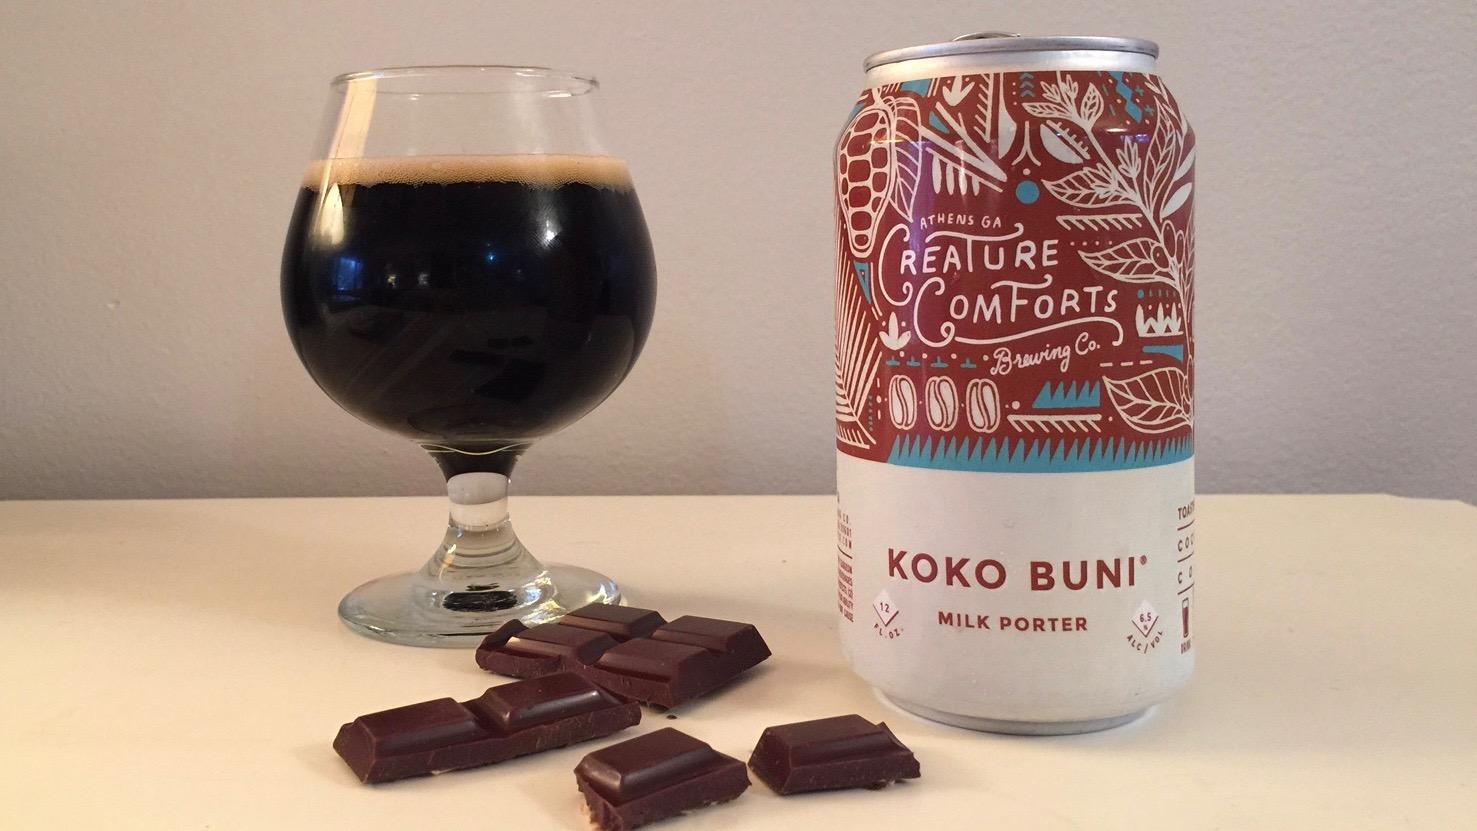 Creature Comforts Koko Buni Milk Porter Review